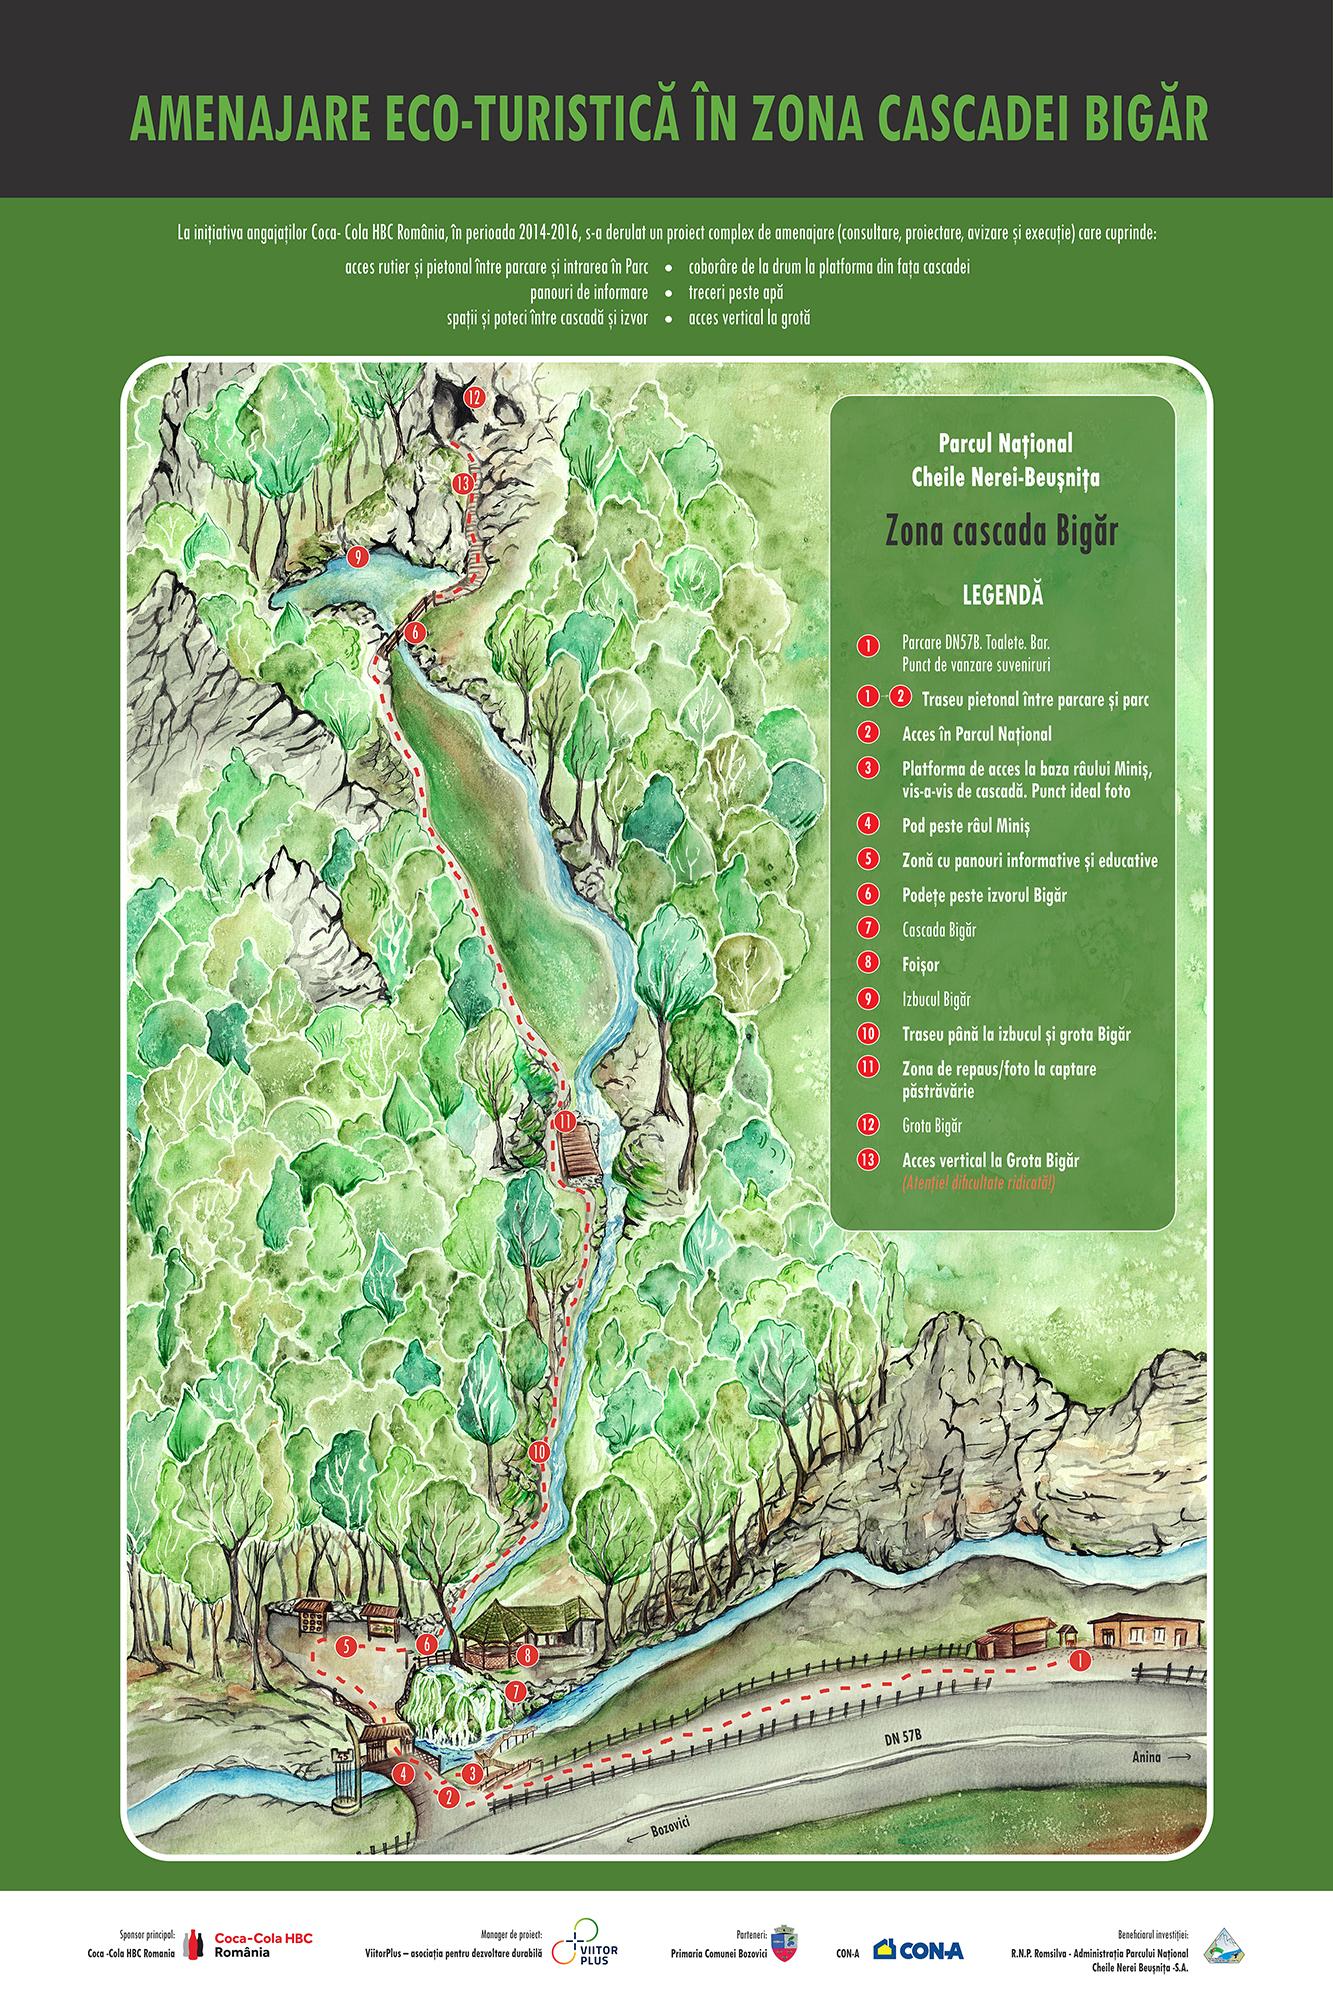 Amenajare eco-turistica la cascada Bigar